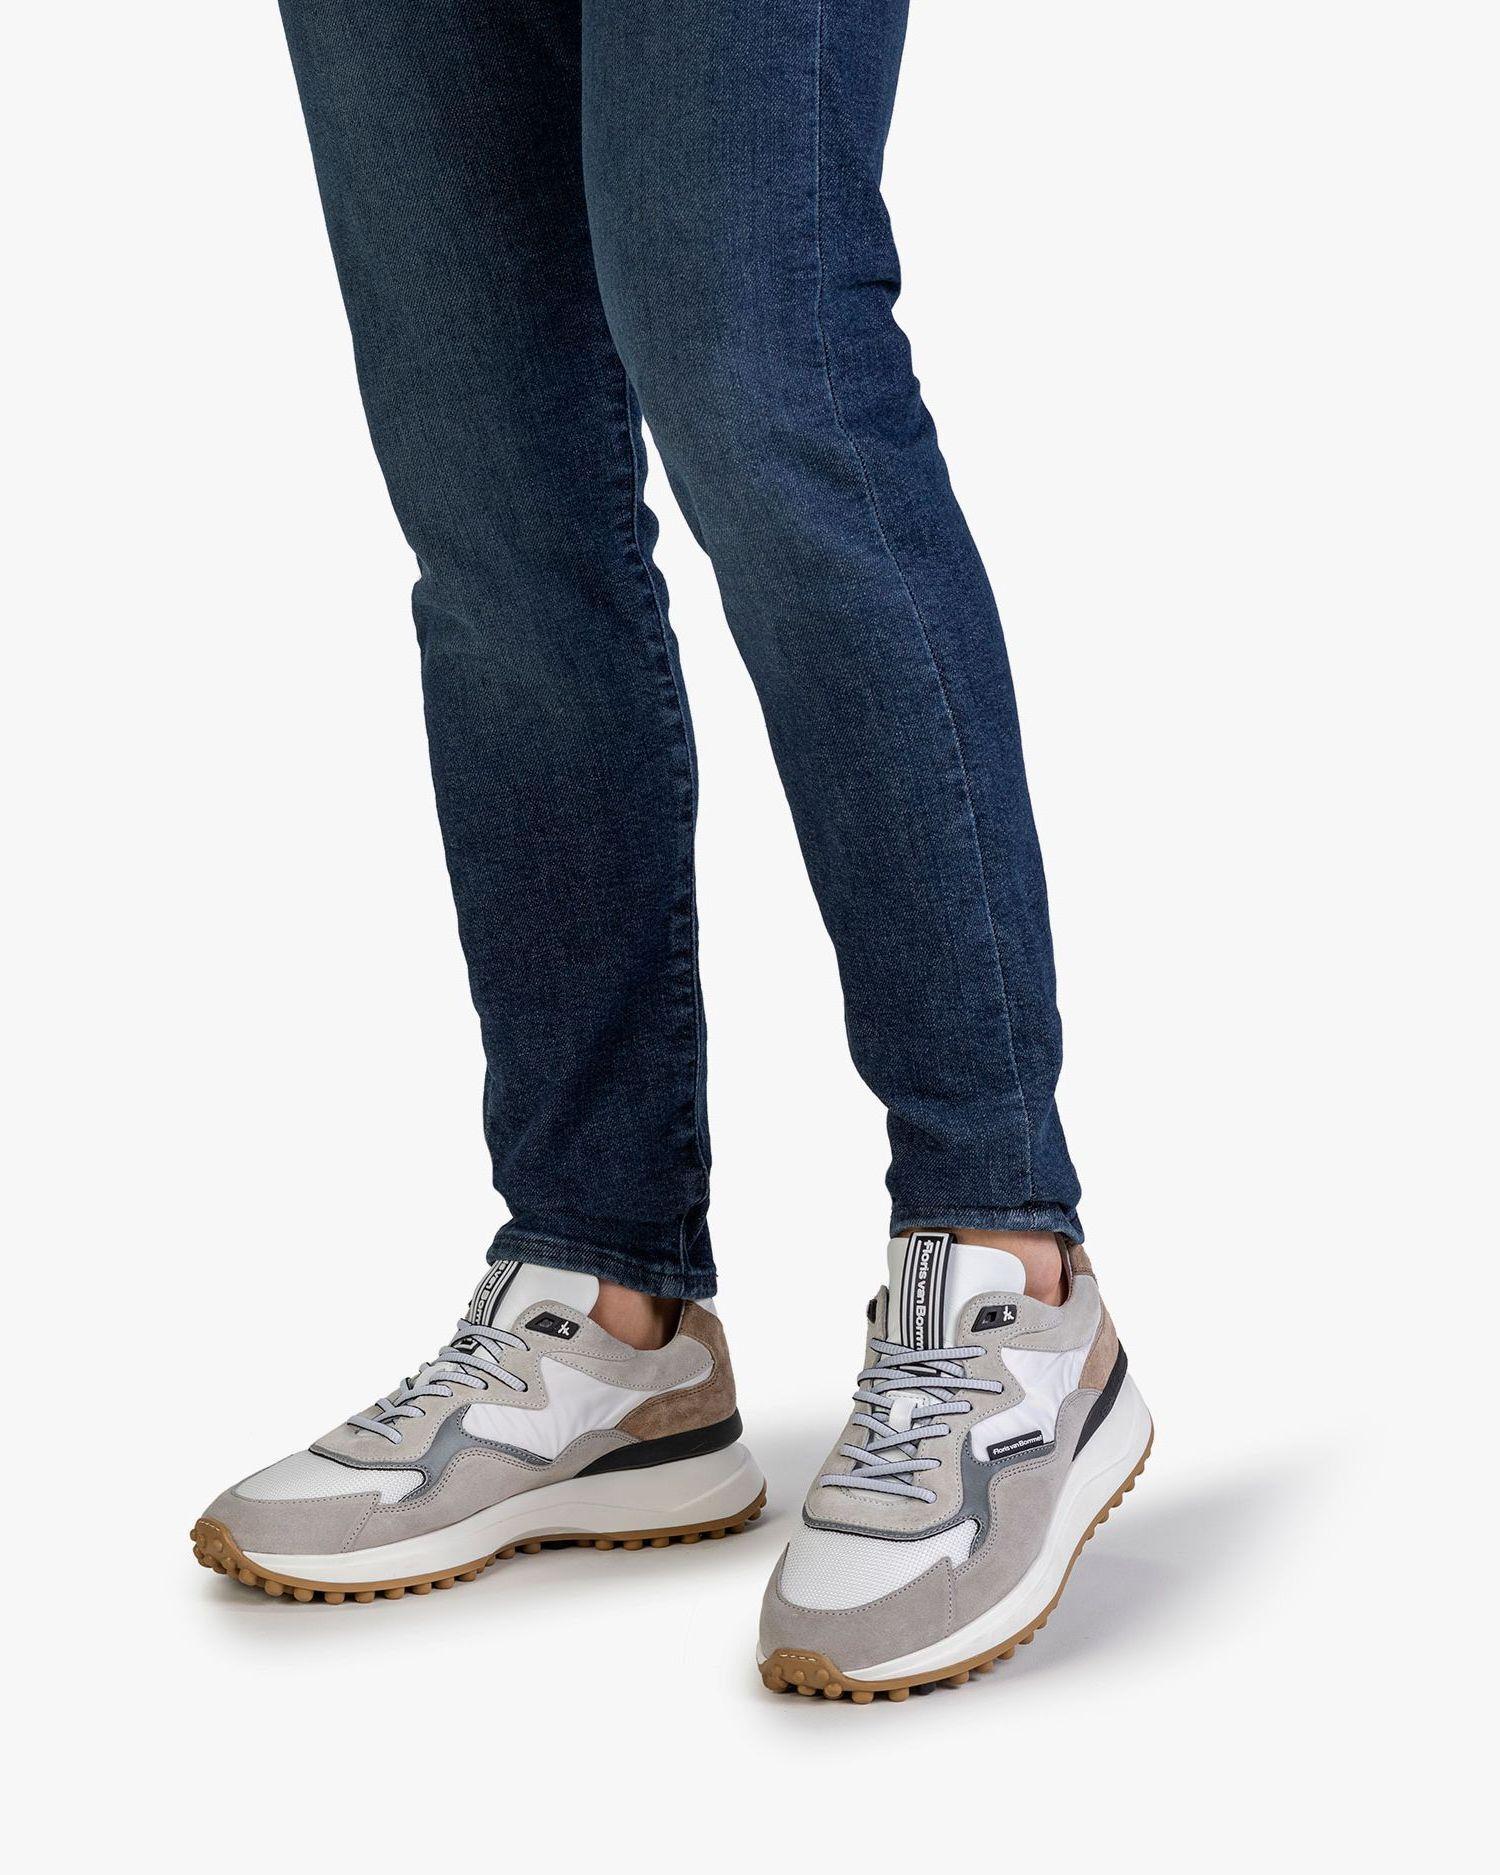 Sneaker white 16339/12 | Floris van Bommel Official®